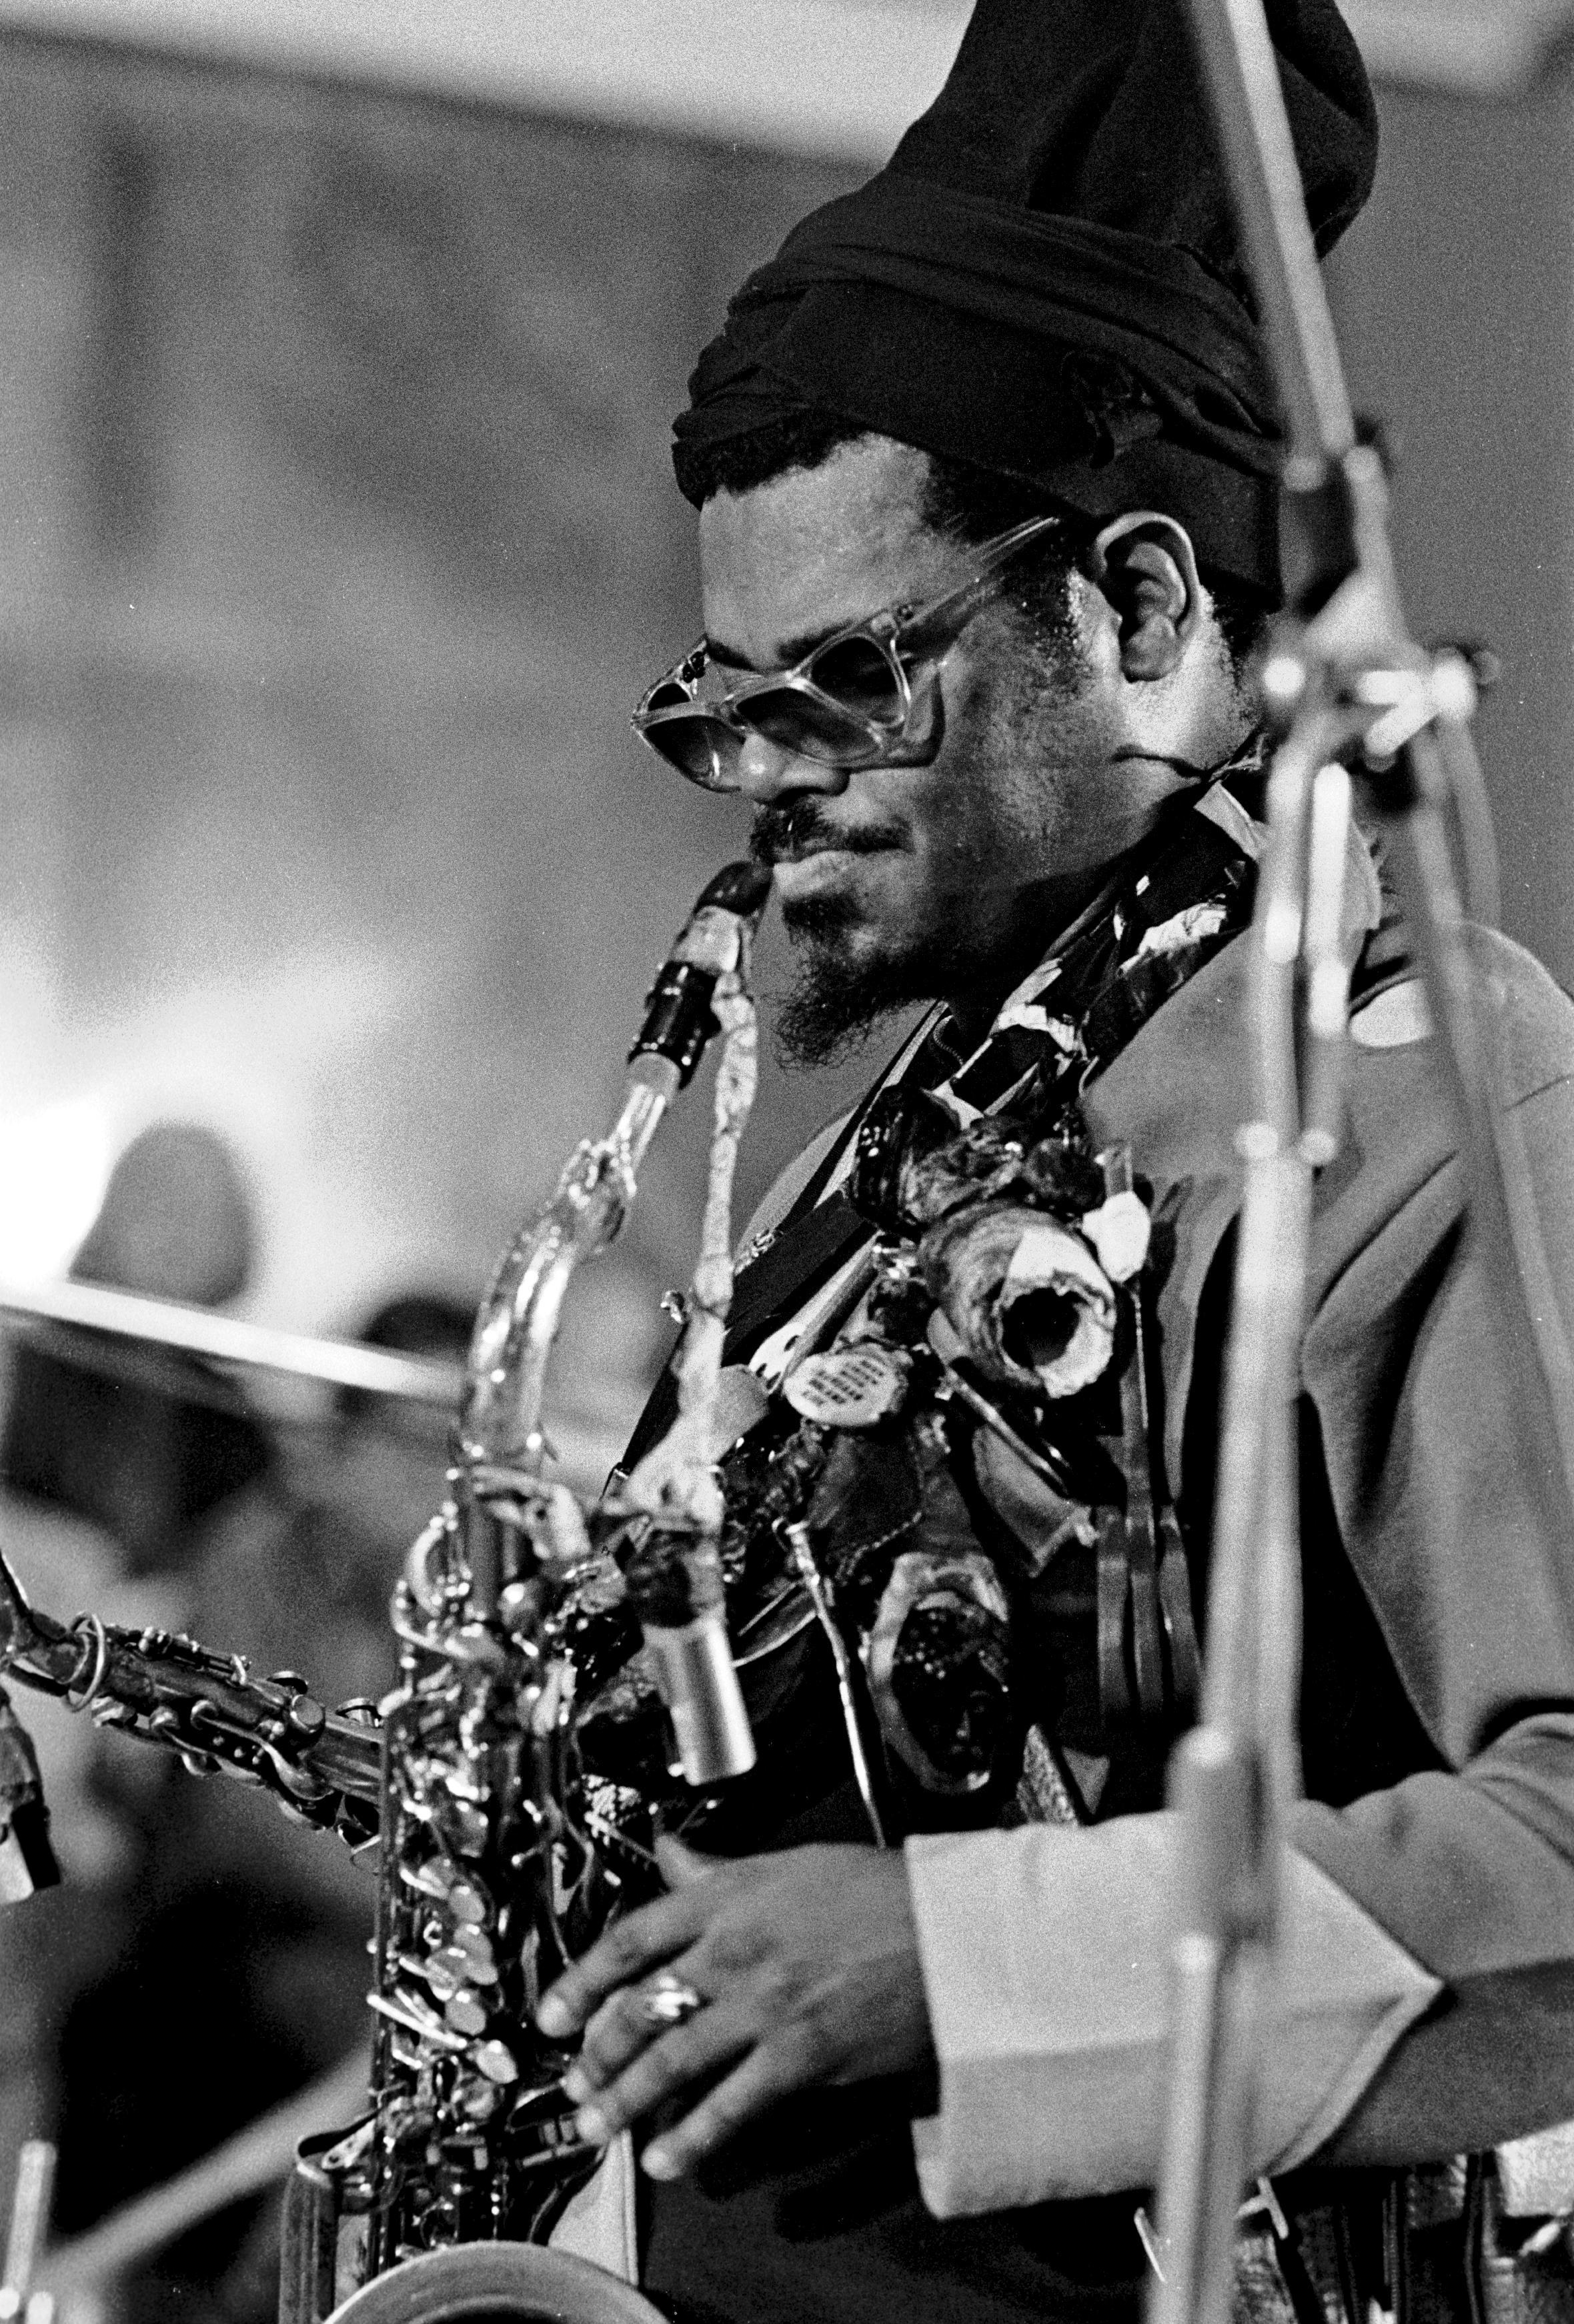 Kirk performing in 1972